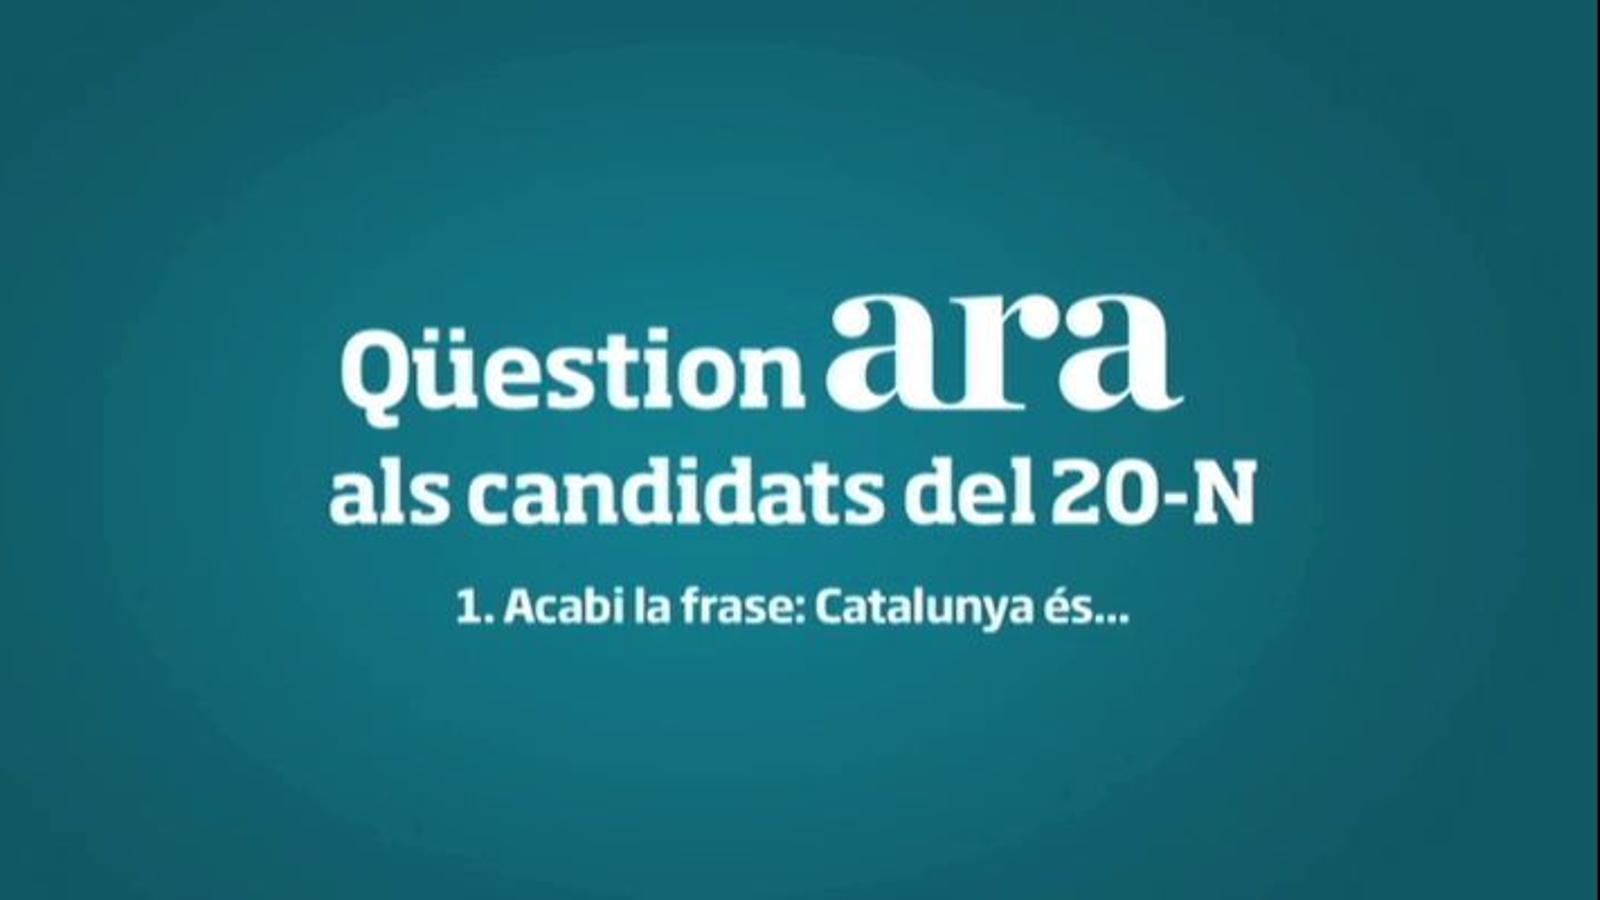 Catalunya és una societat, un país, meravellosa o una nació?